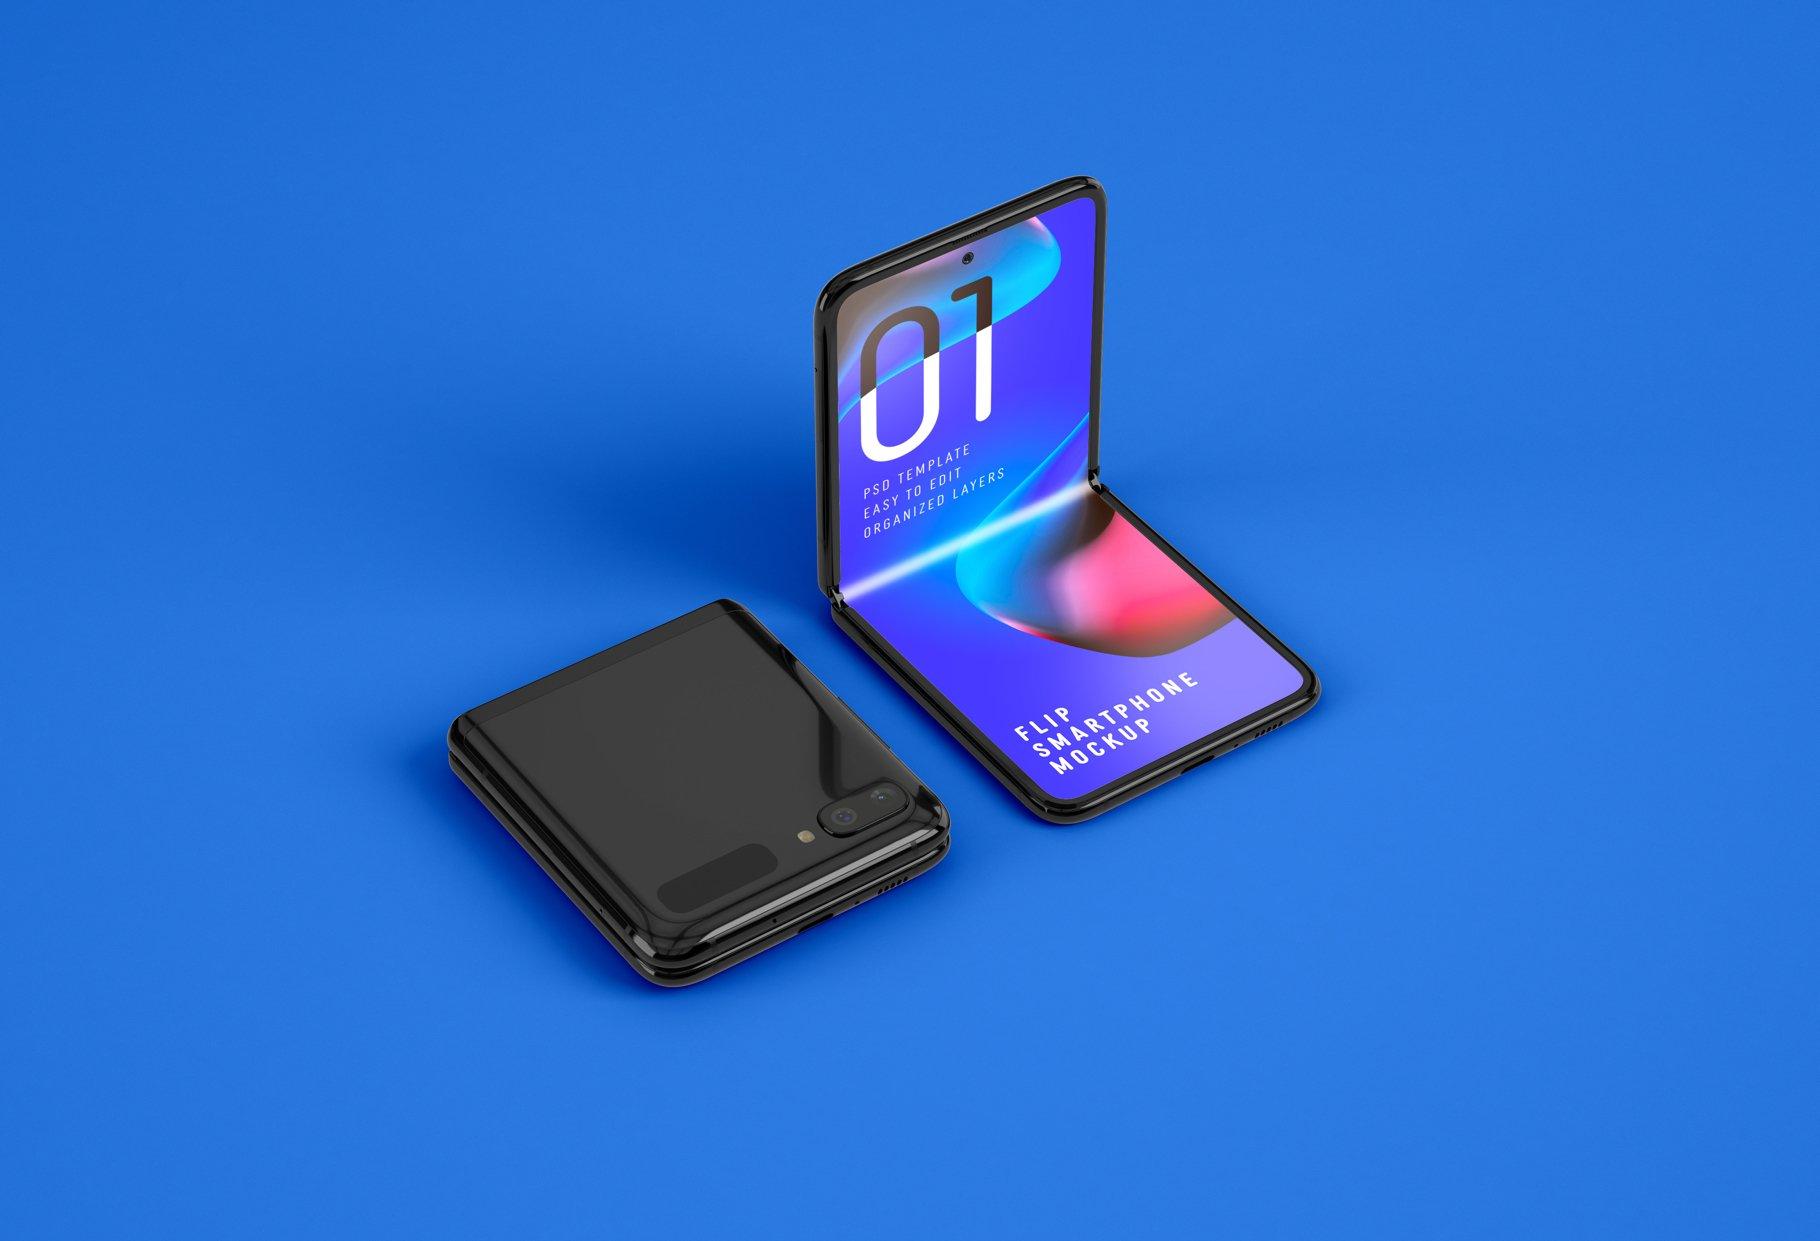 11款APP应用设计三星Galaxy Z手机屏幕演示样机模板 Galaxy Z Flip Mockup | Folding Phone插图(5)